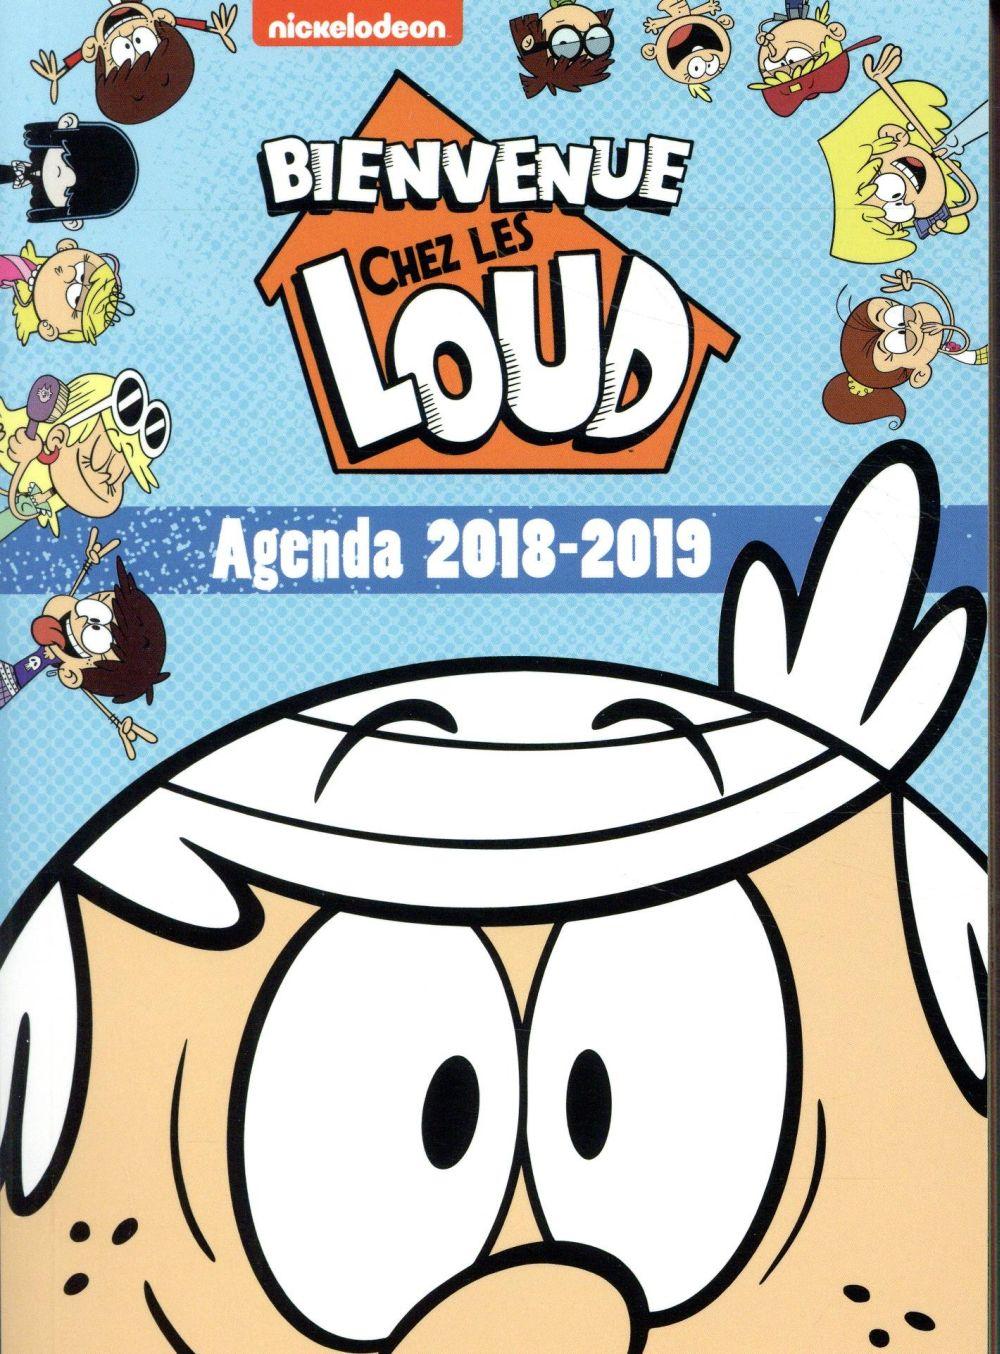 Bienvenue Chez Les Loud Agenda Collectif Hachette